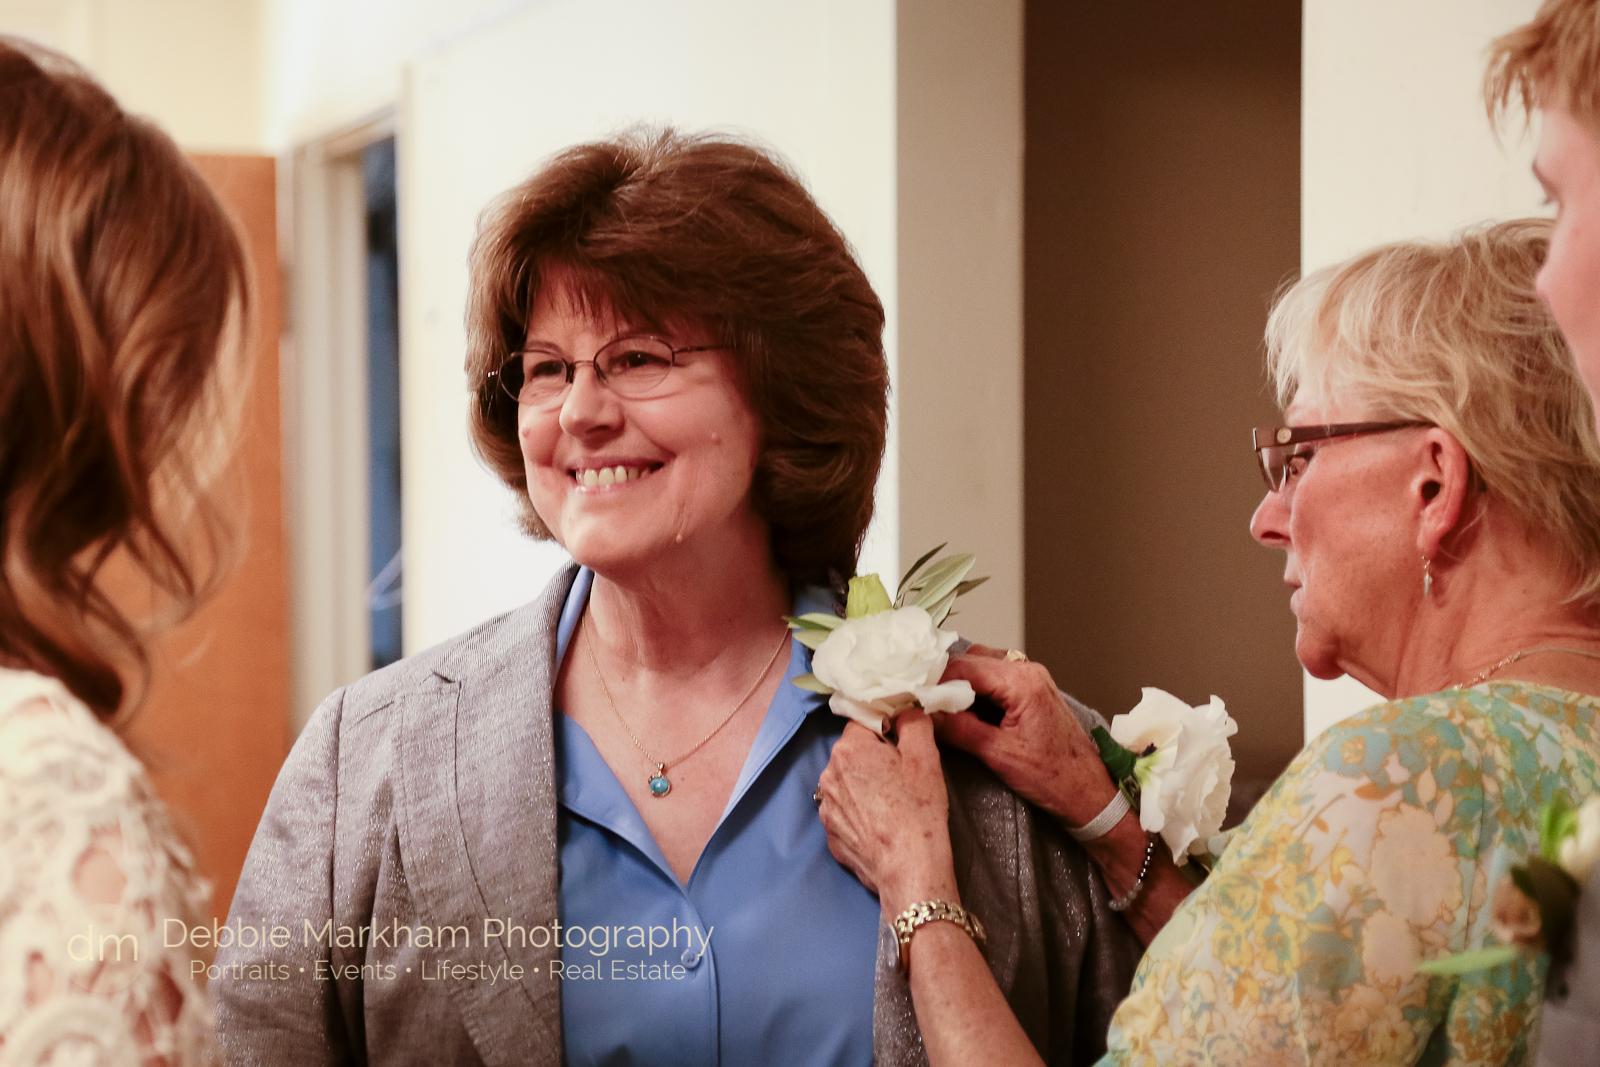 Debbie Markham Photographer_Clover and Branch_Floral Arrangements-2213